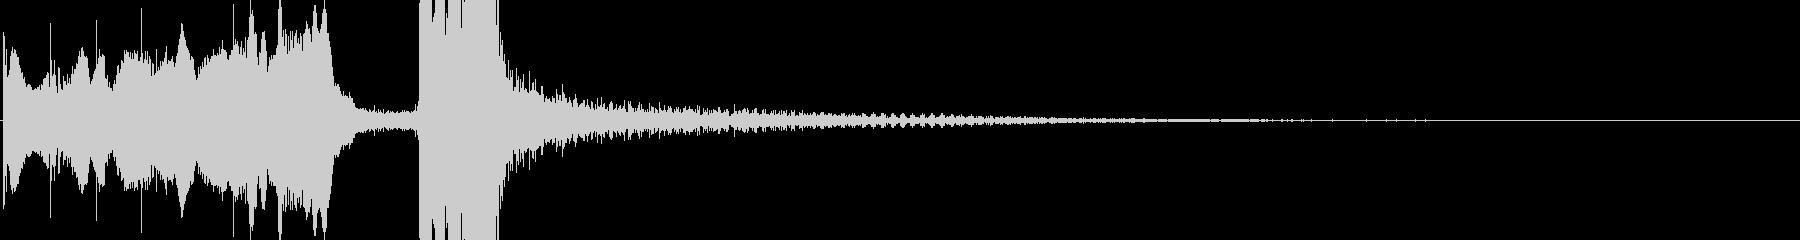 アコーディオンの不思議なジングルの未再生の波形